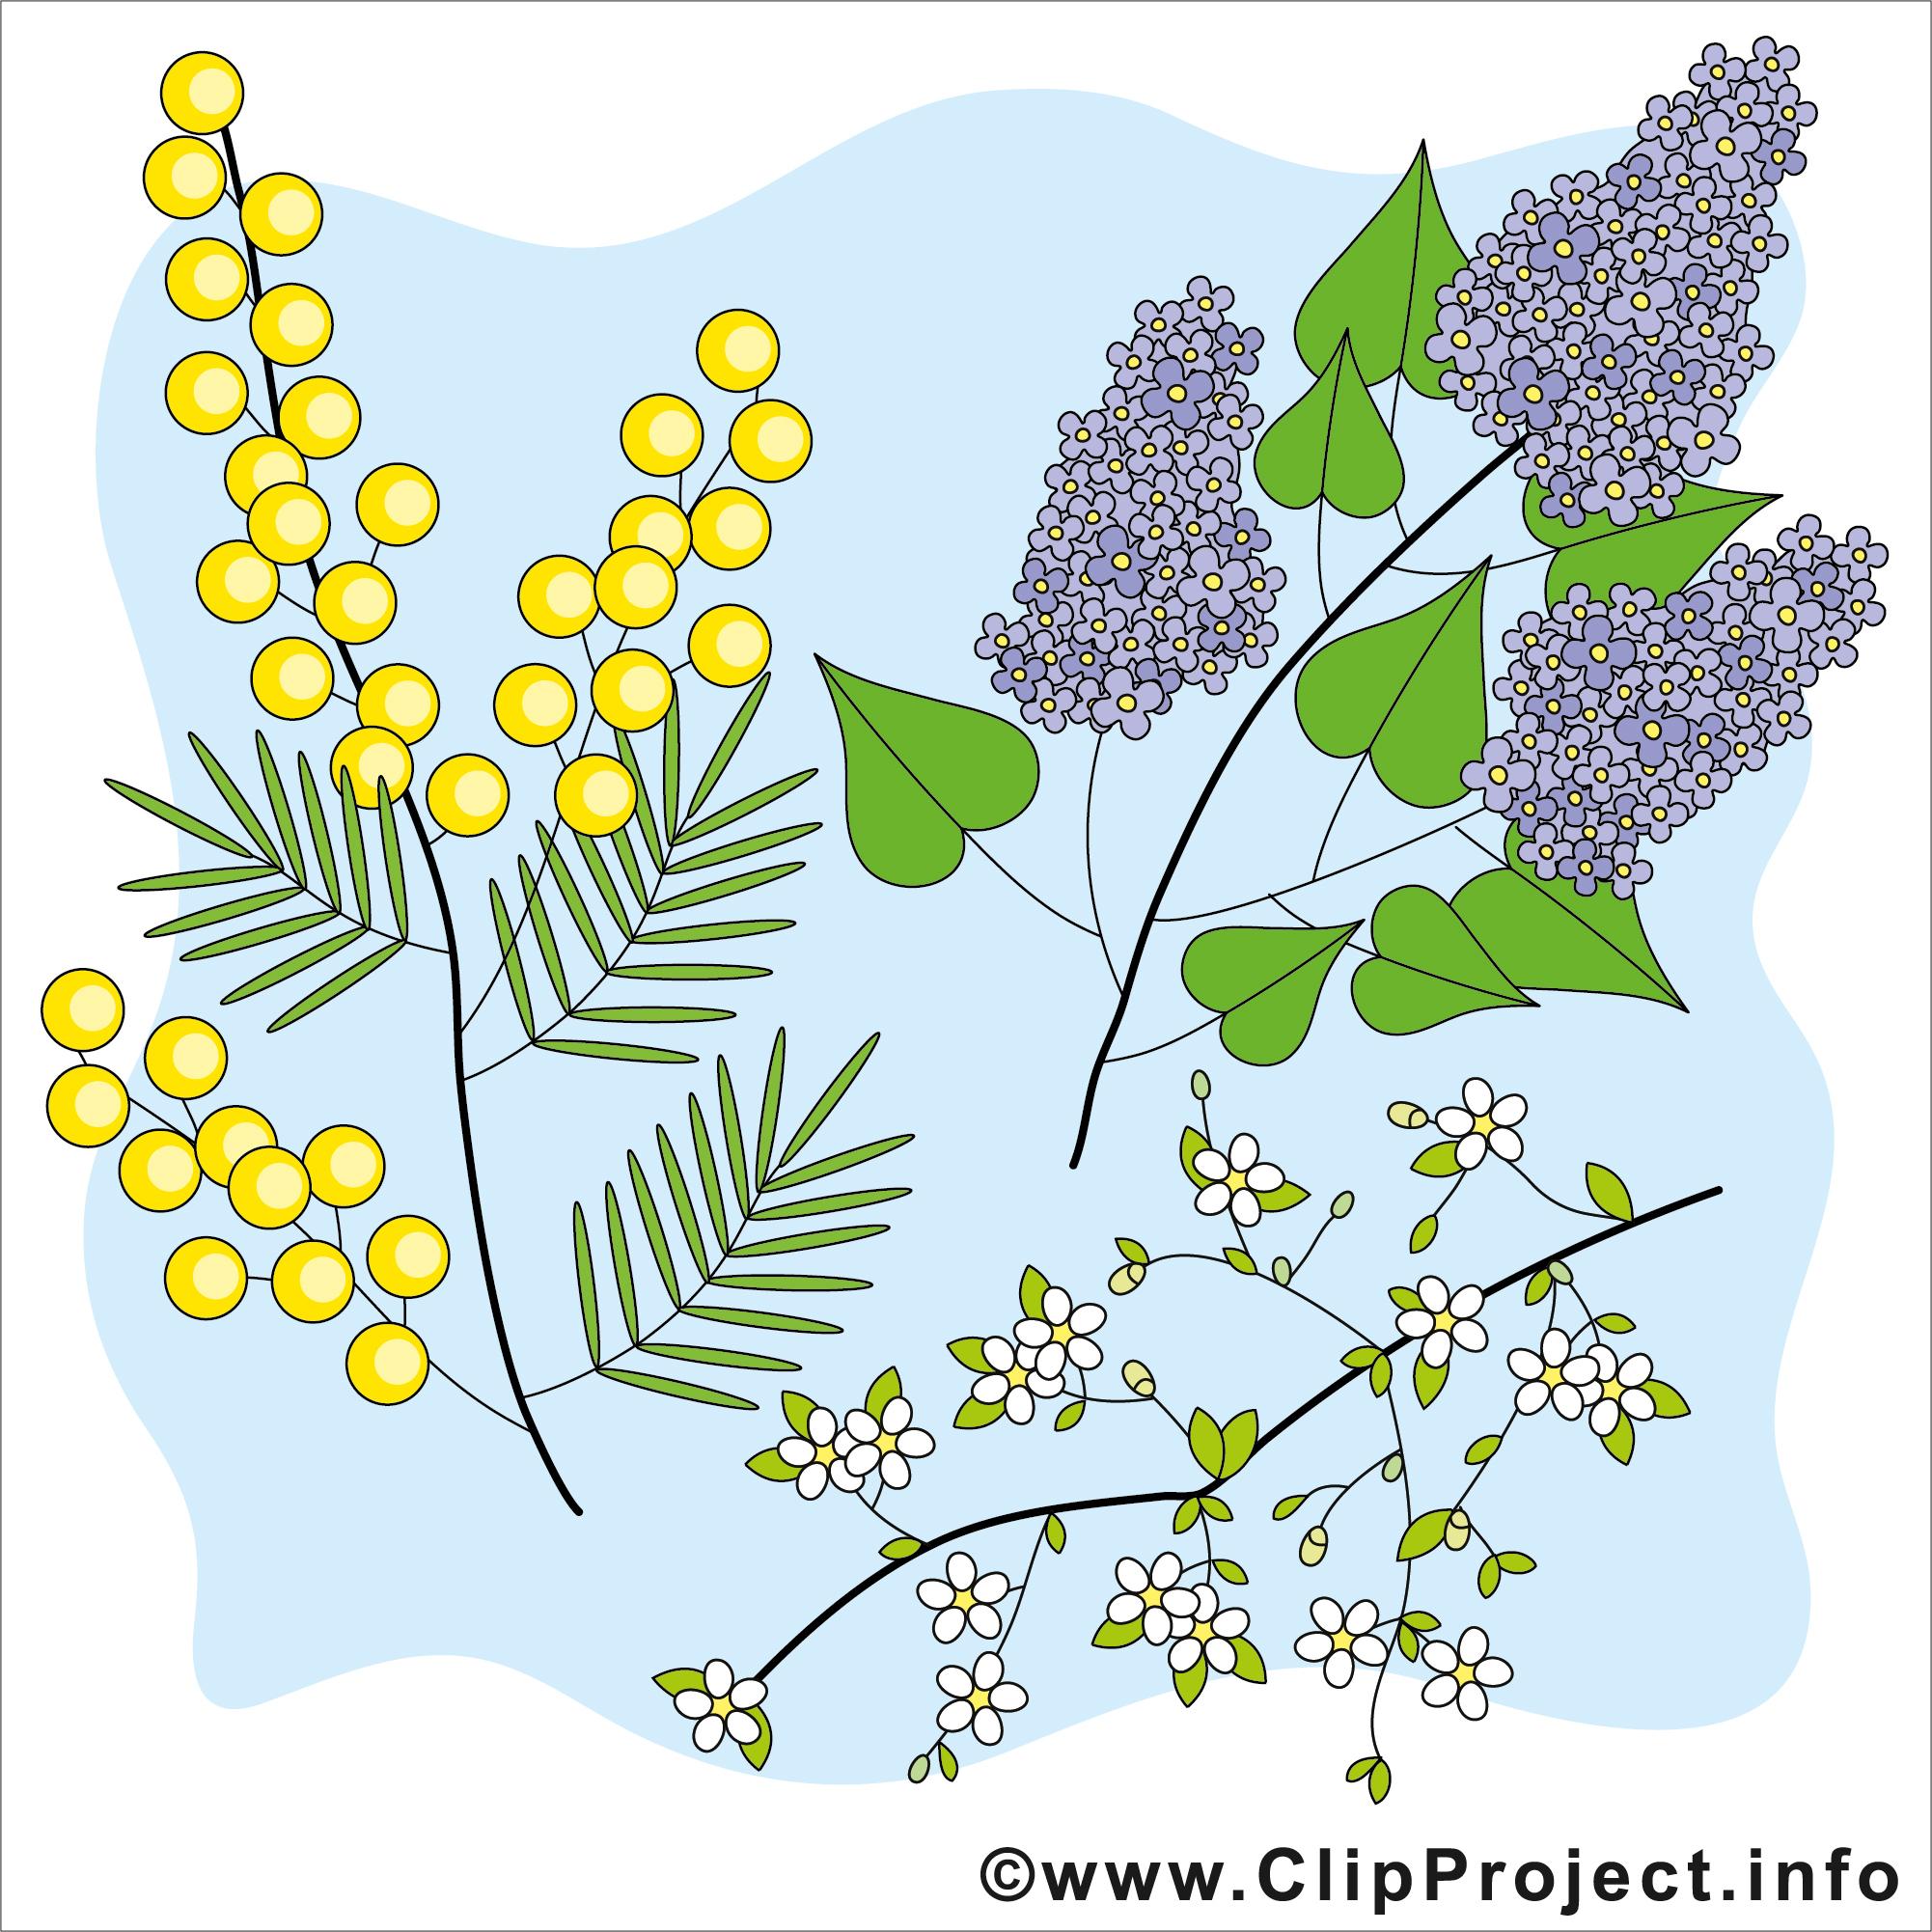 Pflanzen Bilder Kostenlos verwandt mit Pflanzen Bilder Kostenlos